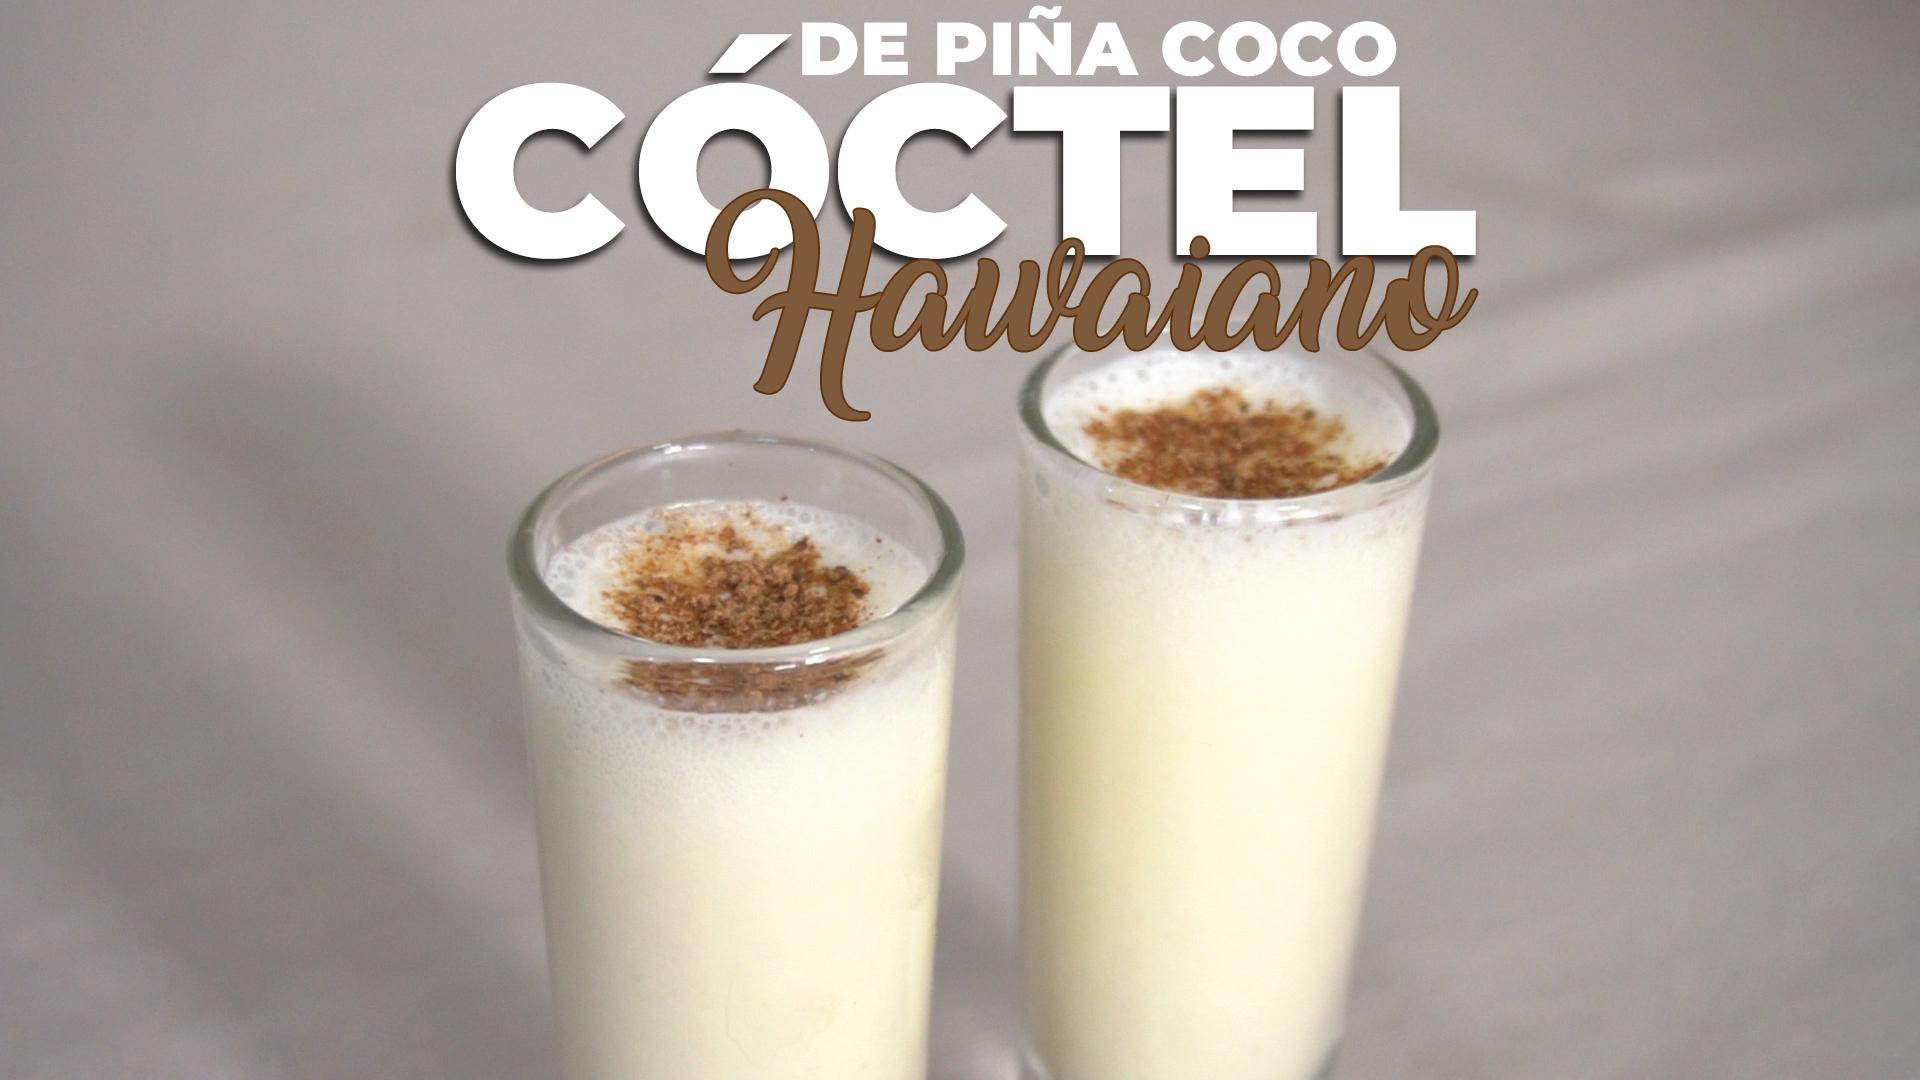 Cóctel Hawaiano con piña y coco